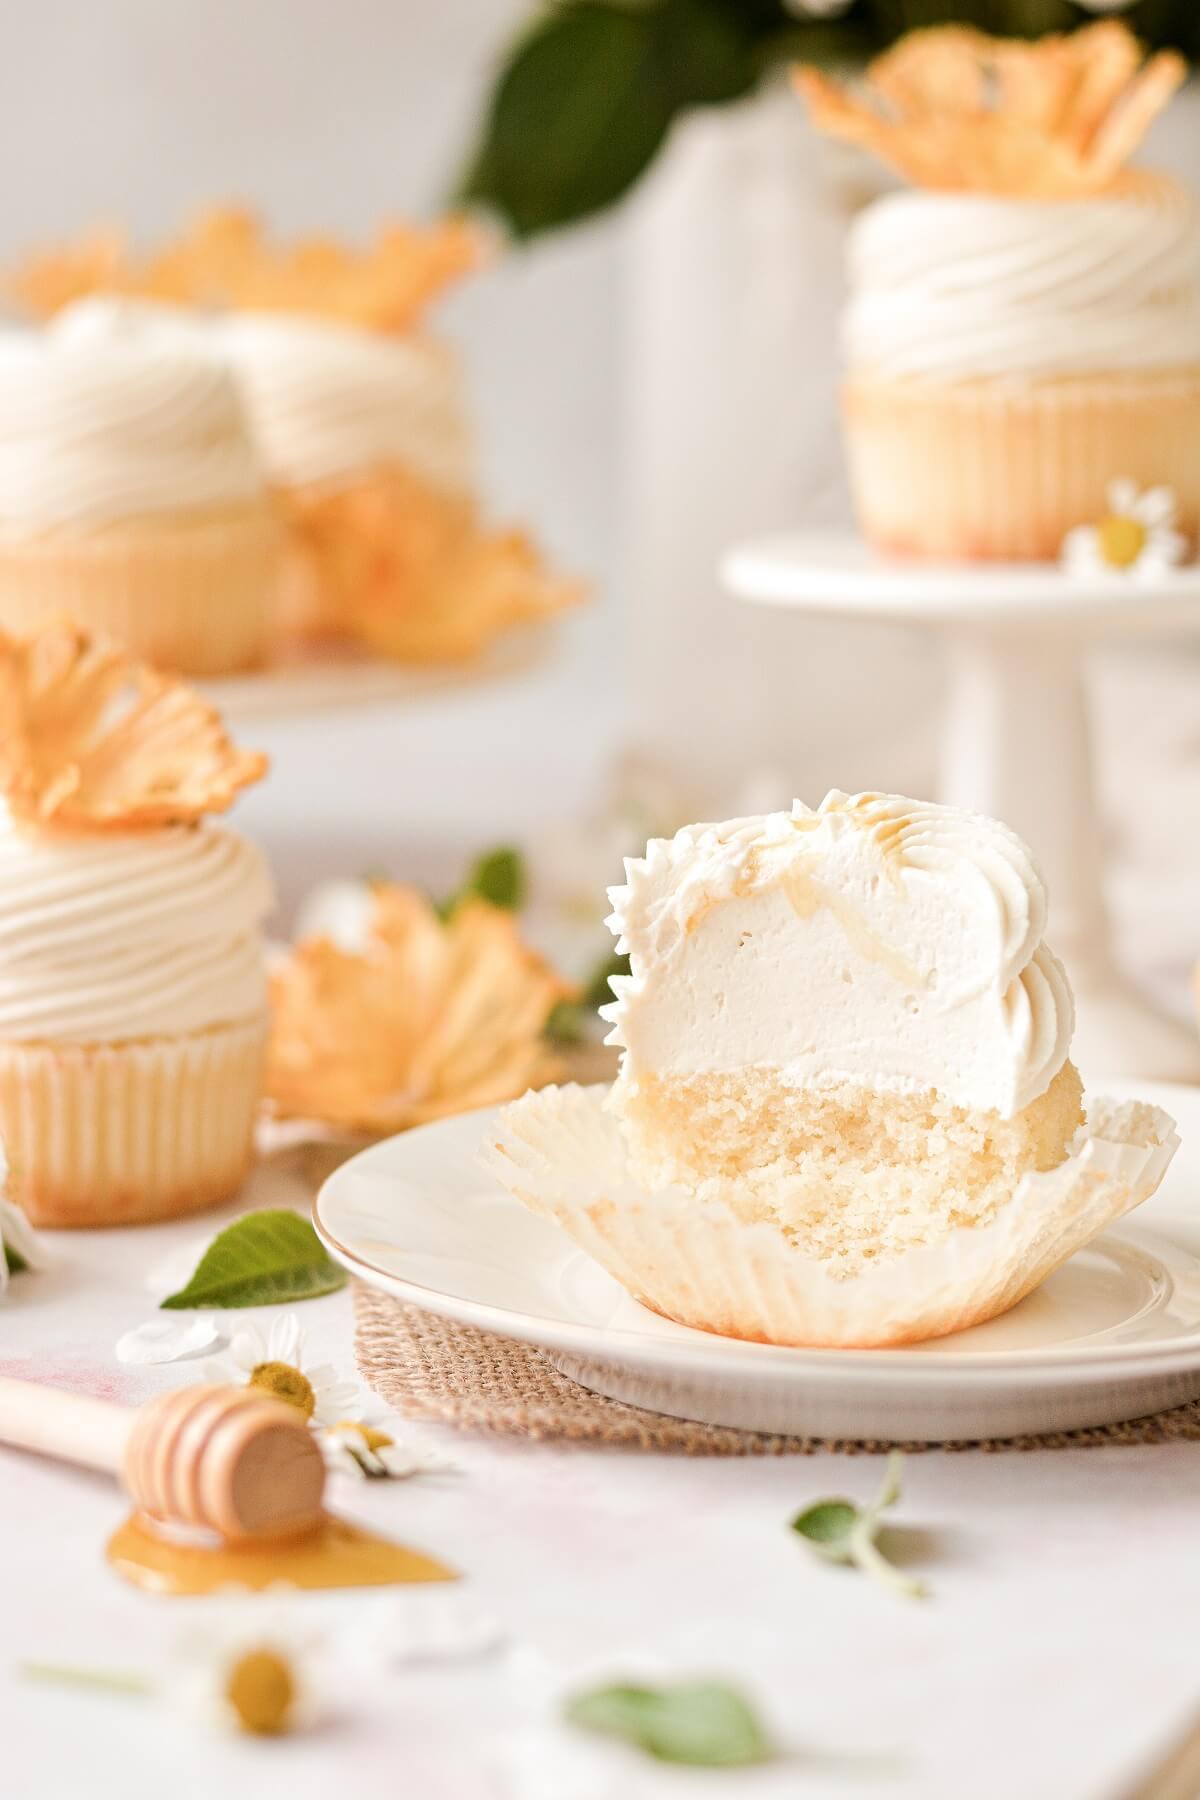 A honey lemon cupcake cut in half.